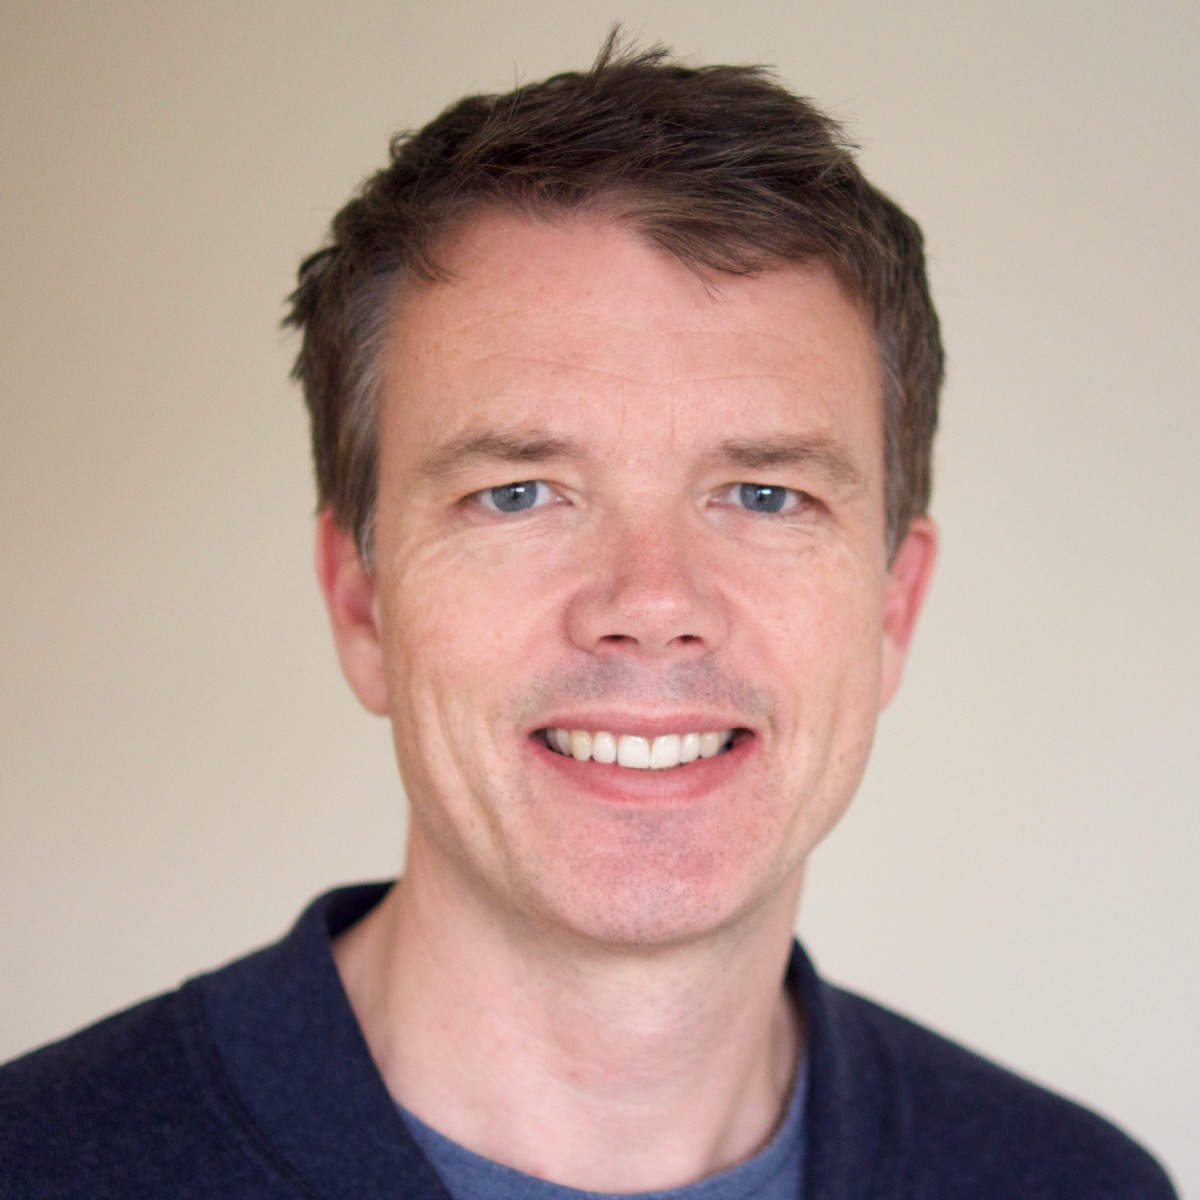 Frode Stangeland - Innehaver og produsent